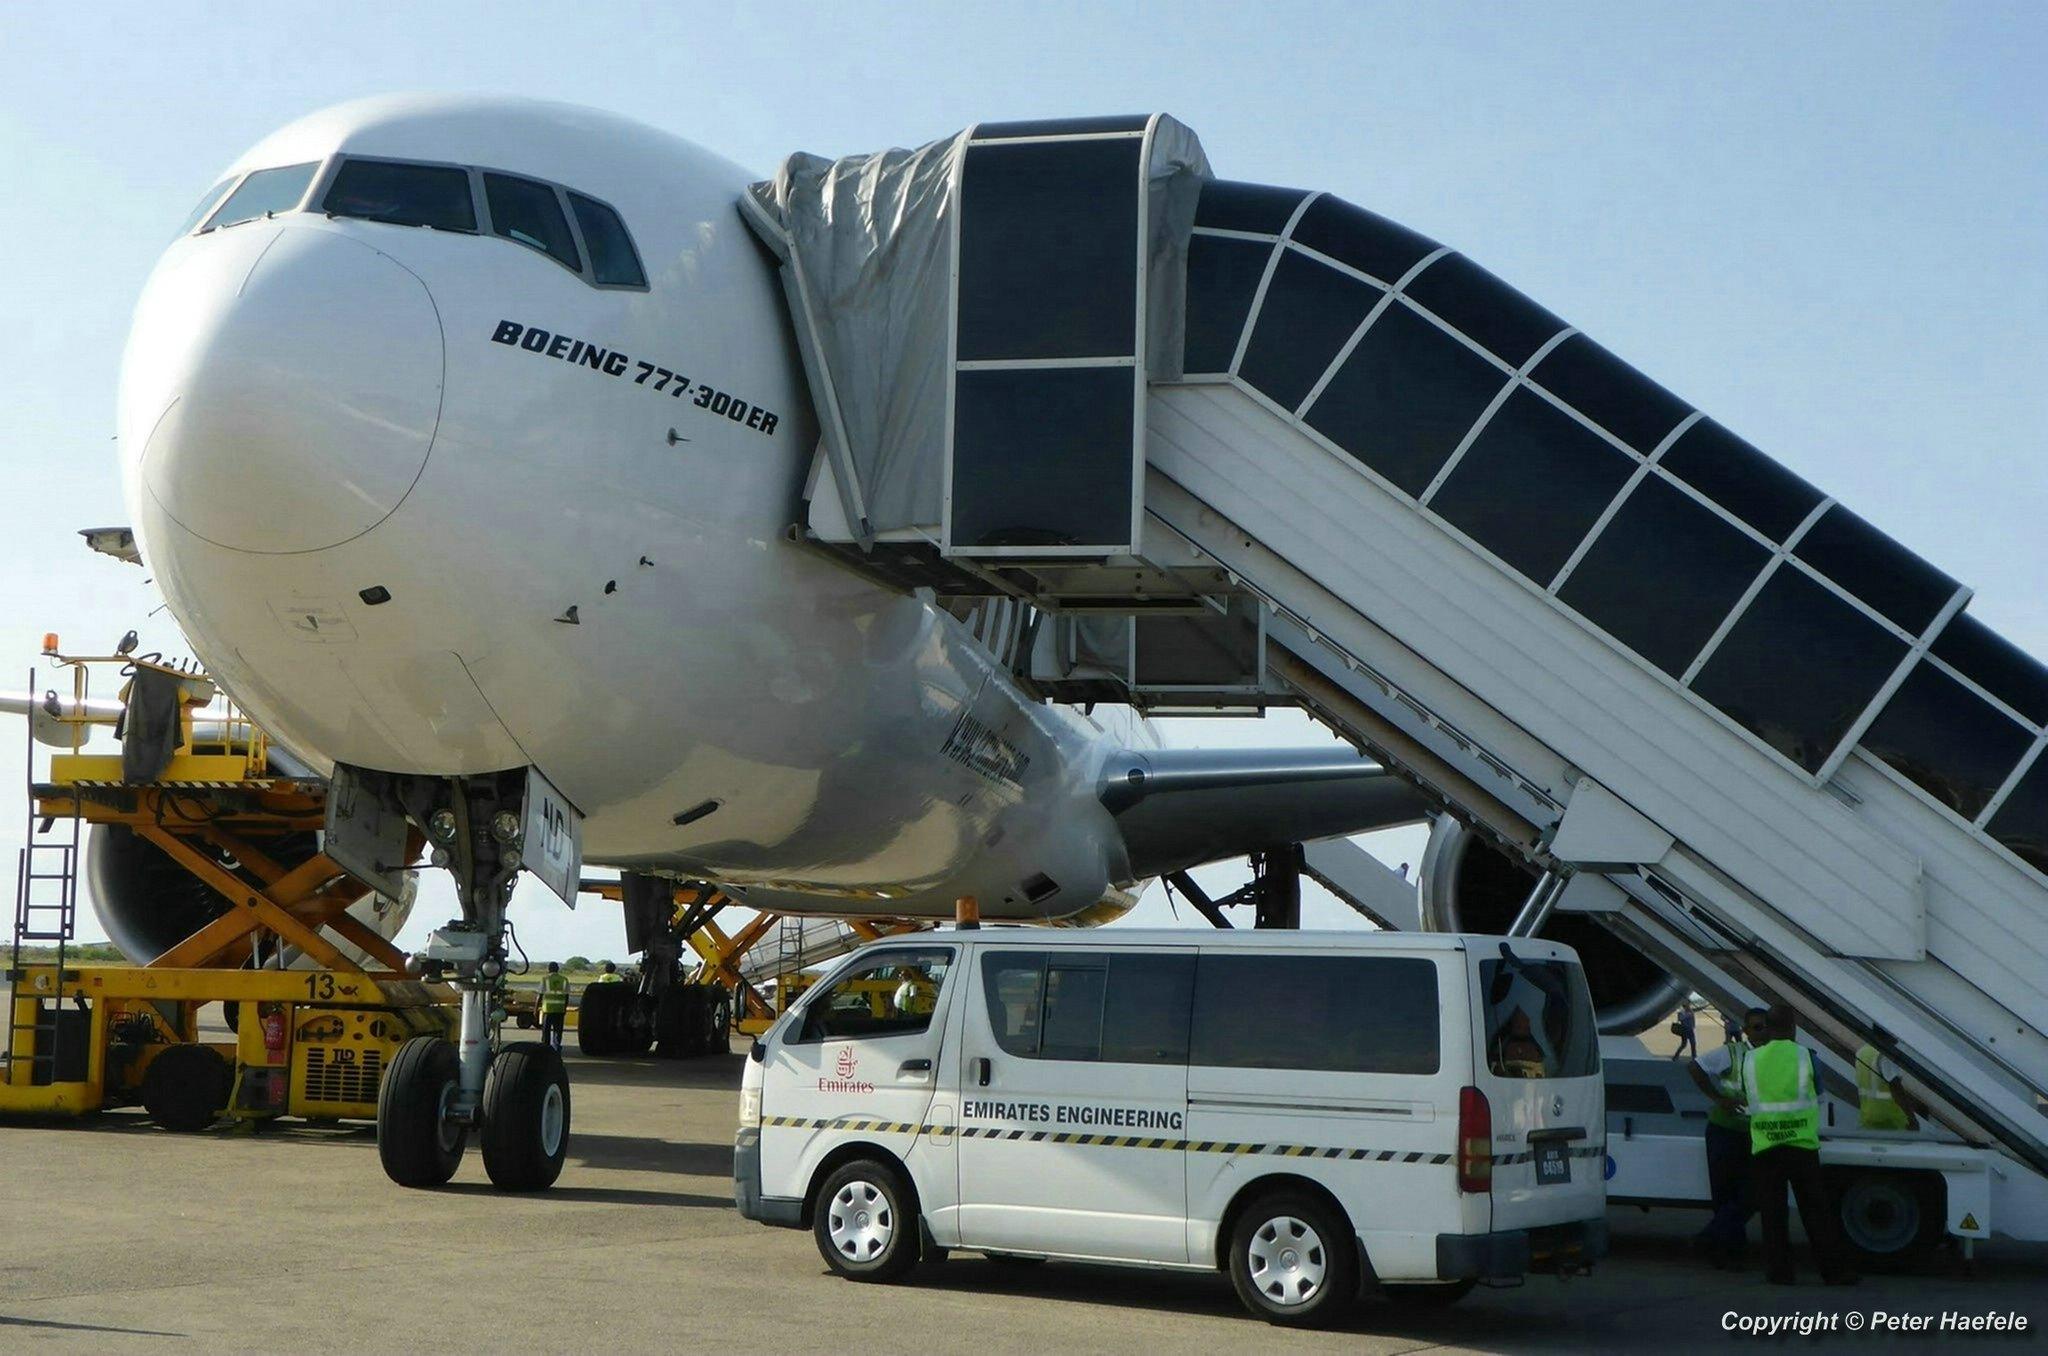 Boeing 777-300ER der United Arab Emirates auf dem Flughafen von Male - Boeing 777-300ER of United Arab Emirates at Male Airport